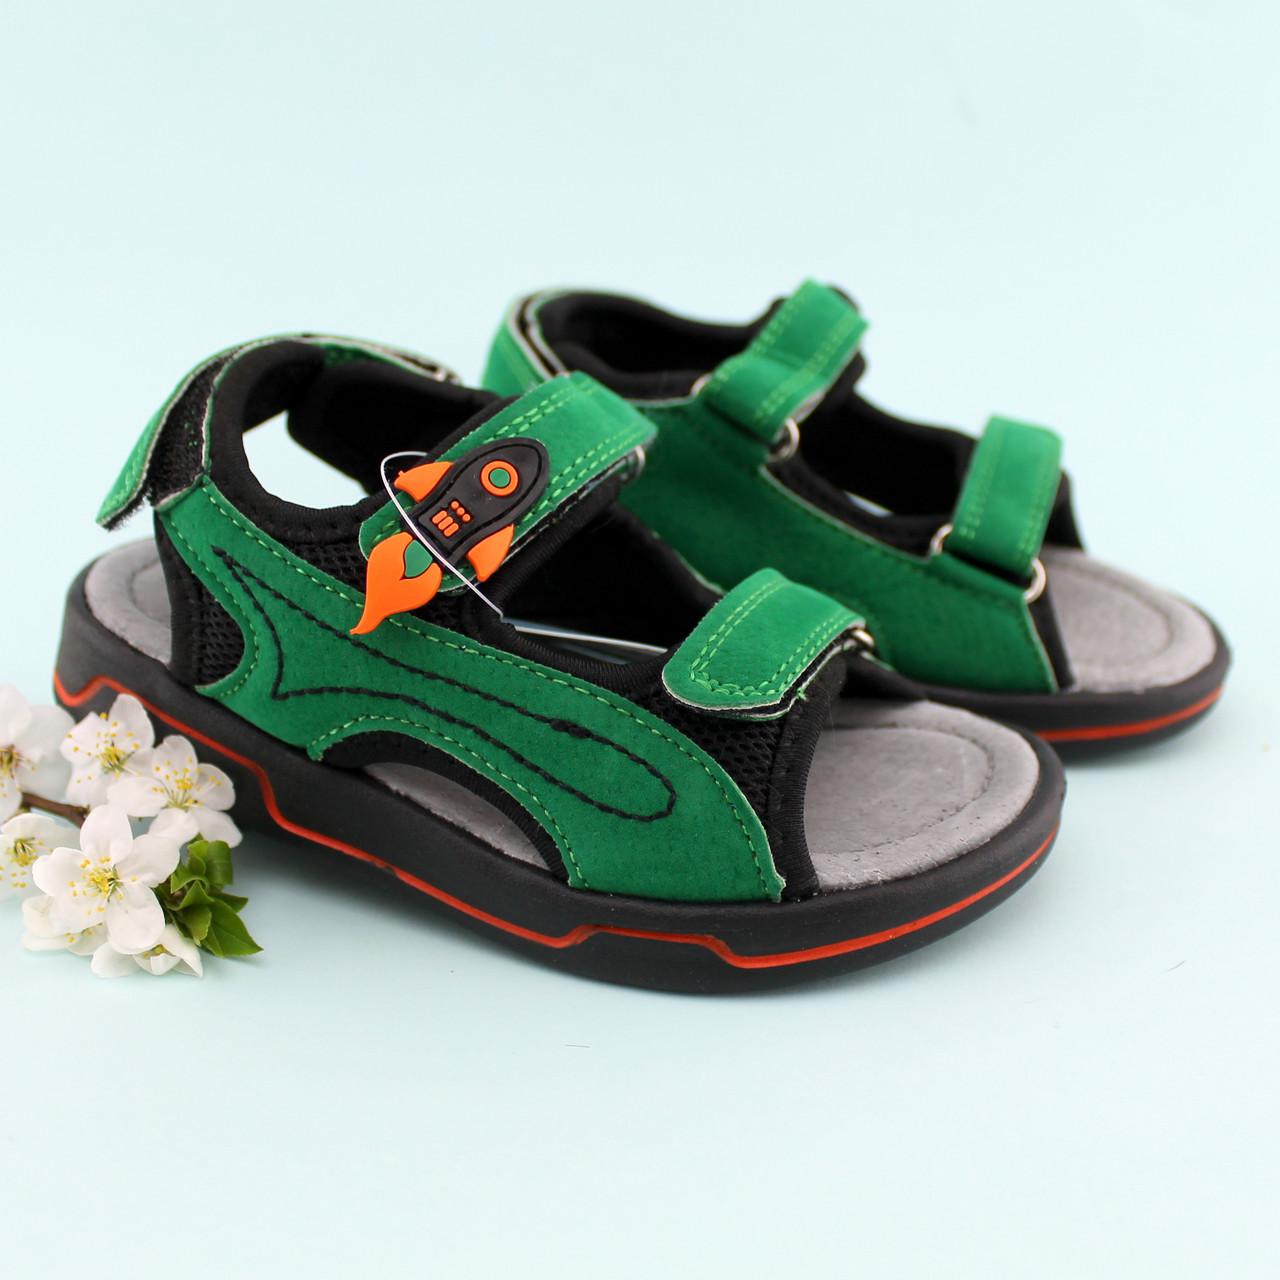 bb6191c12 Купить Босоножки мальчику спортивные Зеленые Том.м размер 20,21 в ...